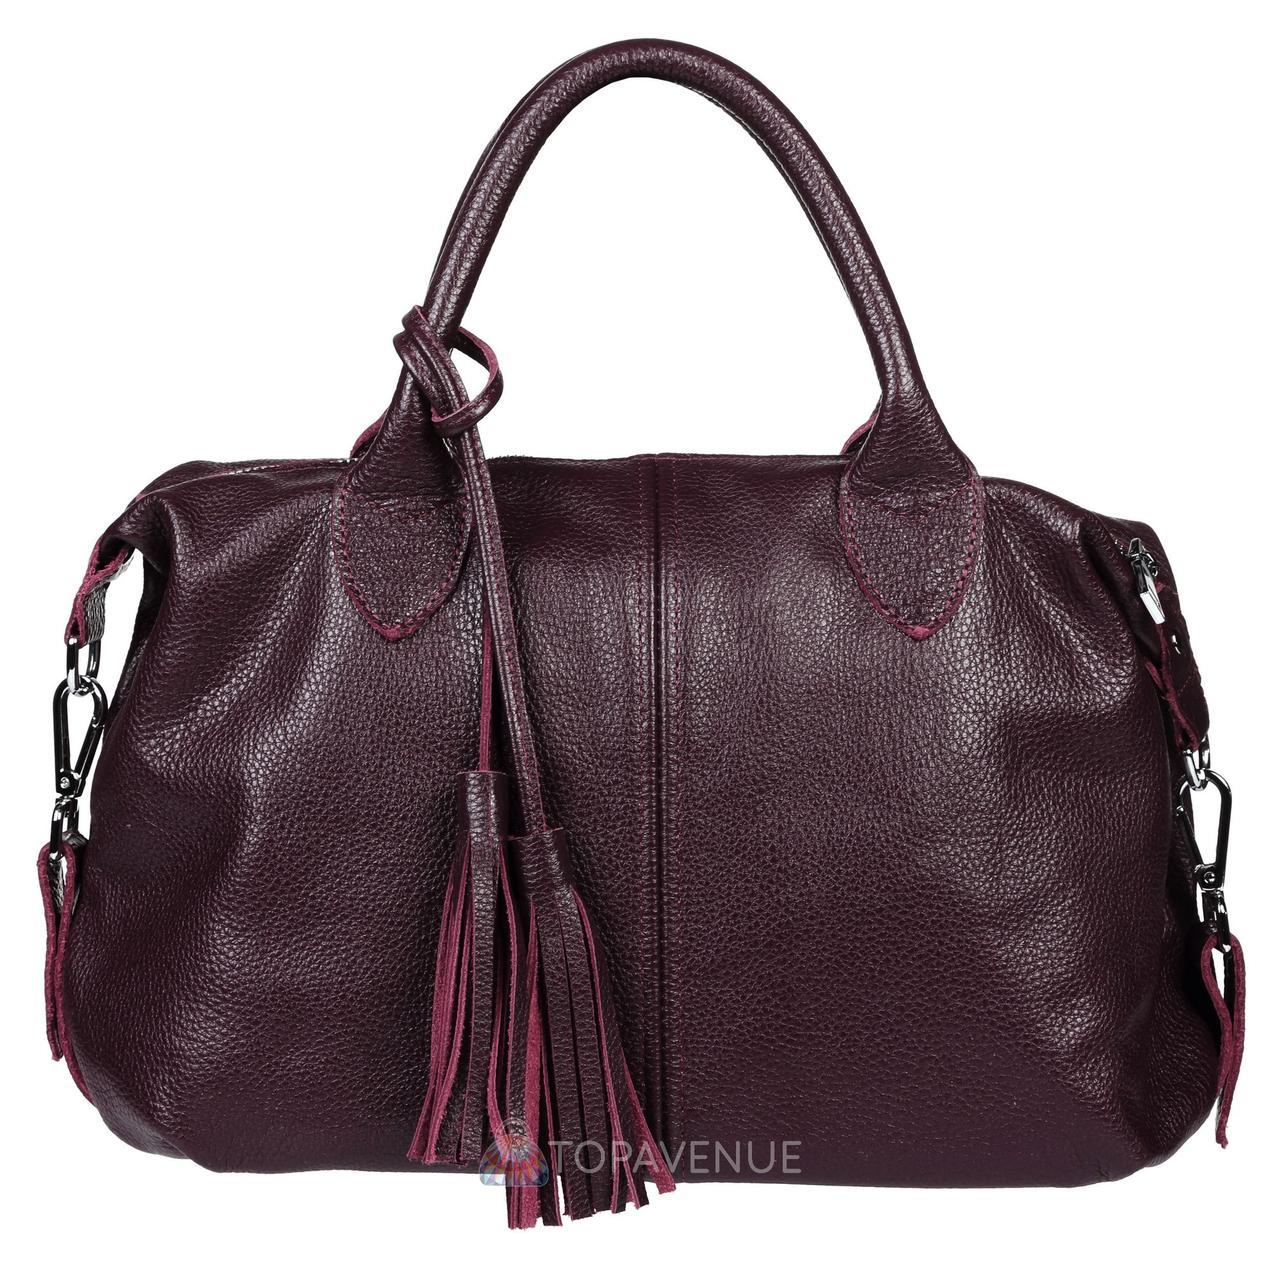 7b3f4027bb96 Кожаная женская сумка Барселона виноградная - Интернет магазин